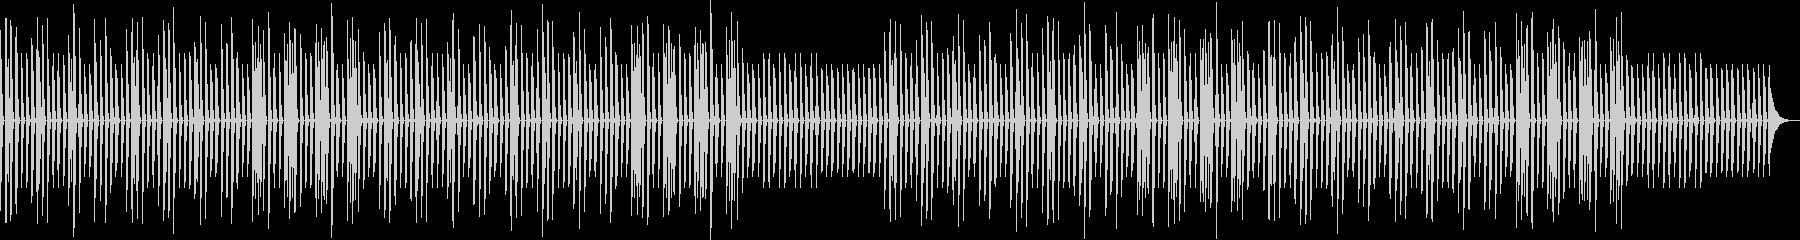 ピアノソロ・日常・会話・ほのぼのの未再生の波形